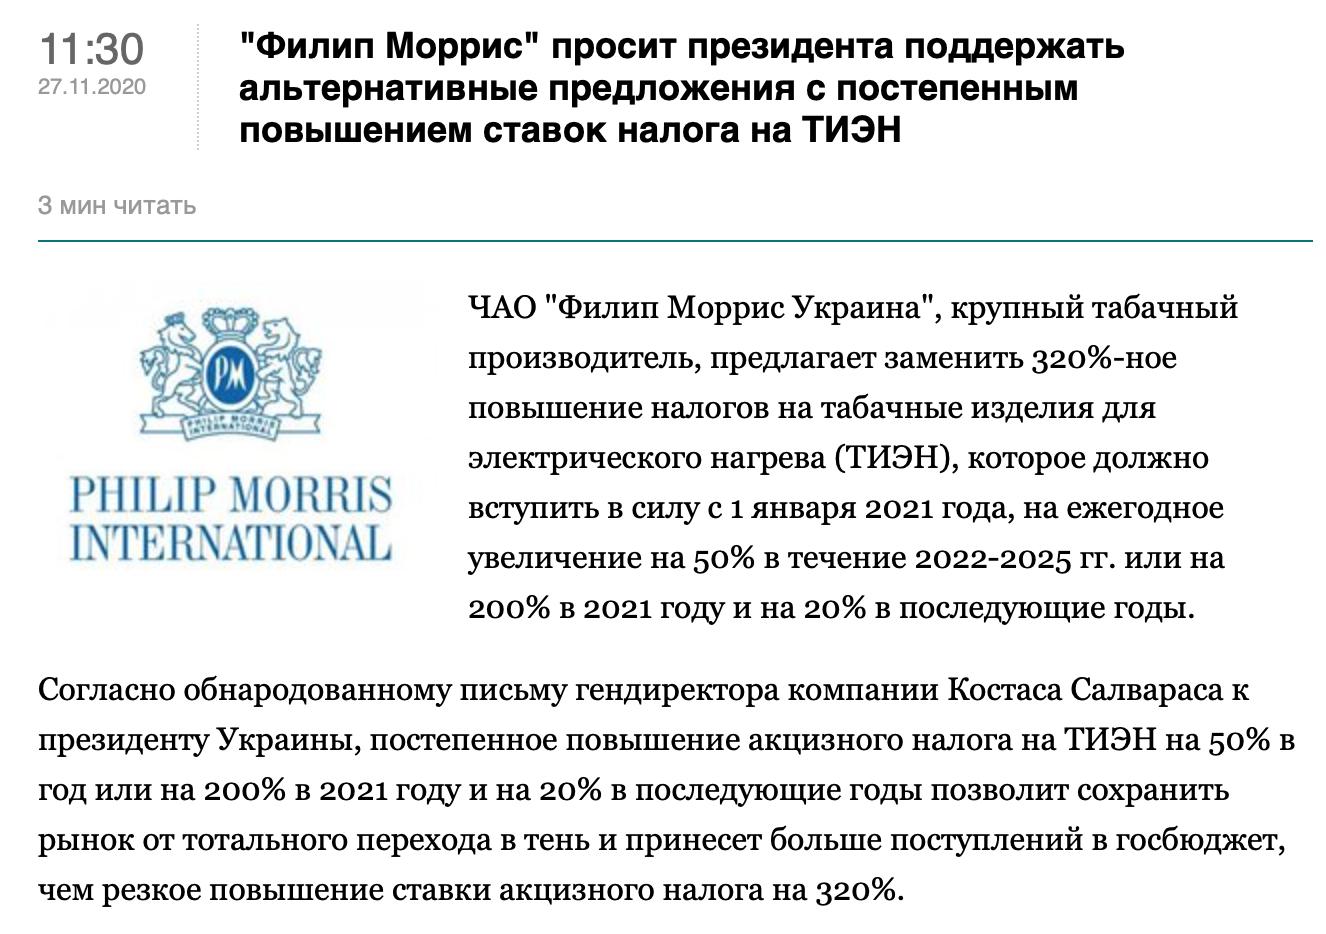 Interfax: Philip Morris cere creșterea cu 200% a accizei la produsele care încălzesc tutunul și introducerea unui calendar de acciză in Ucraina